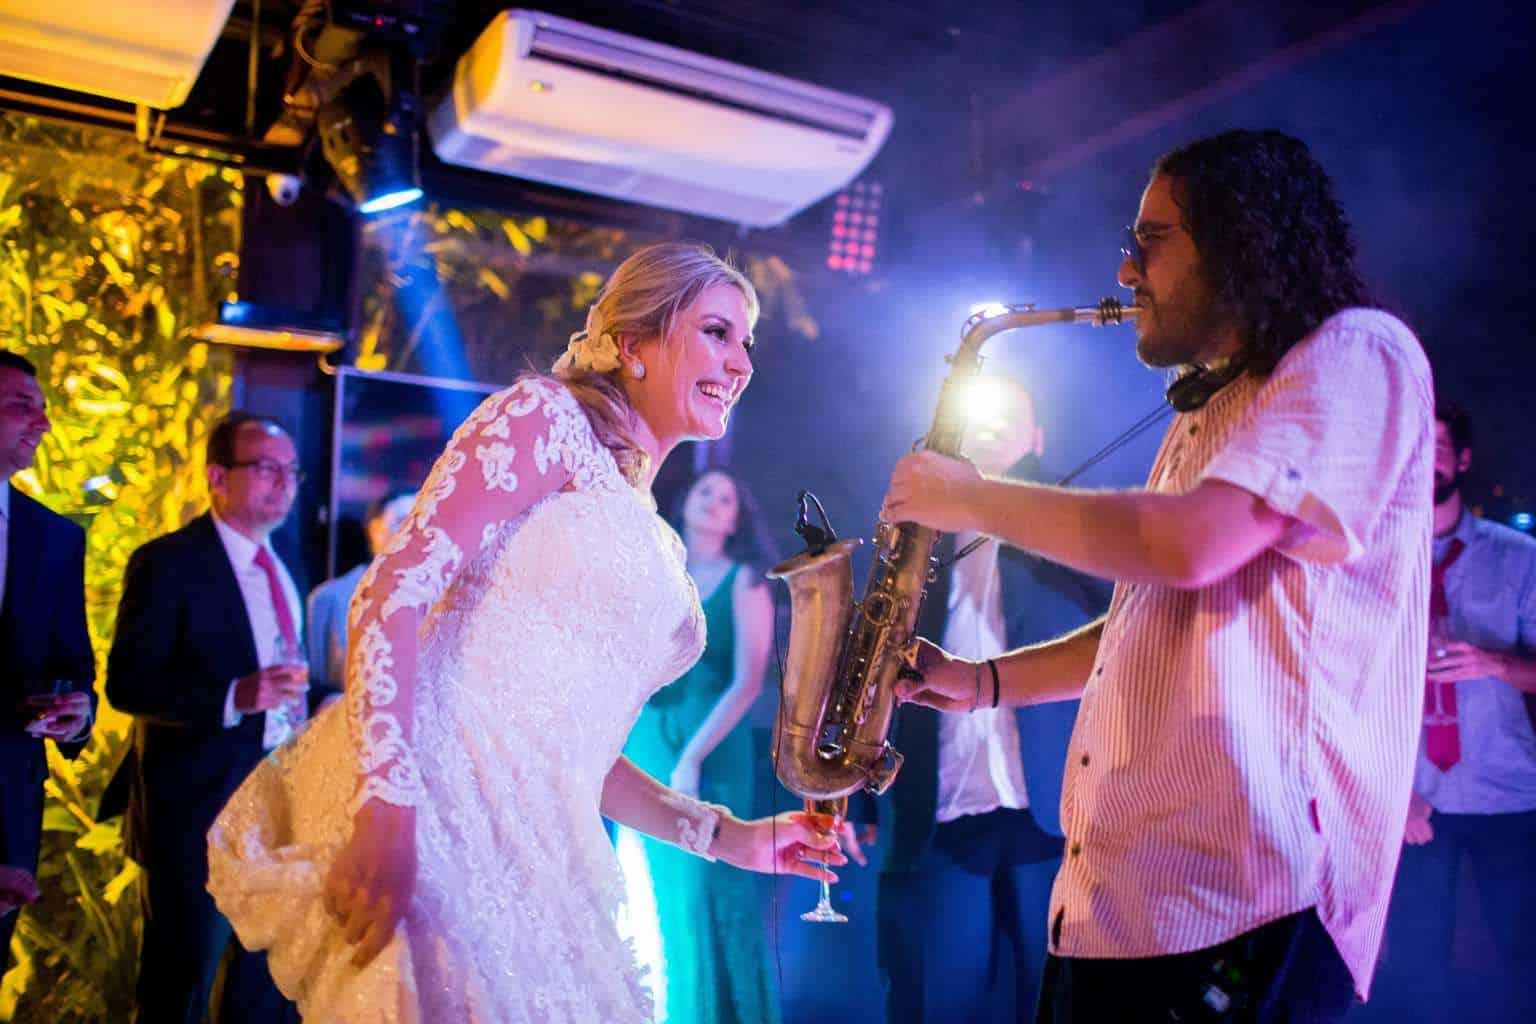 Andrea-Kapps-casamento-de-dia-casamento-na-serra-casamento-romântico-casamento-tradicional-festa-Locanda-de-La-Mimosa-rosa-e-lilás-casamento-52